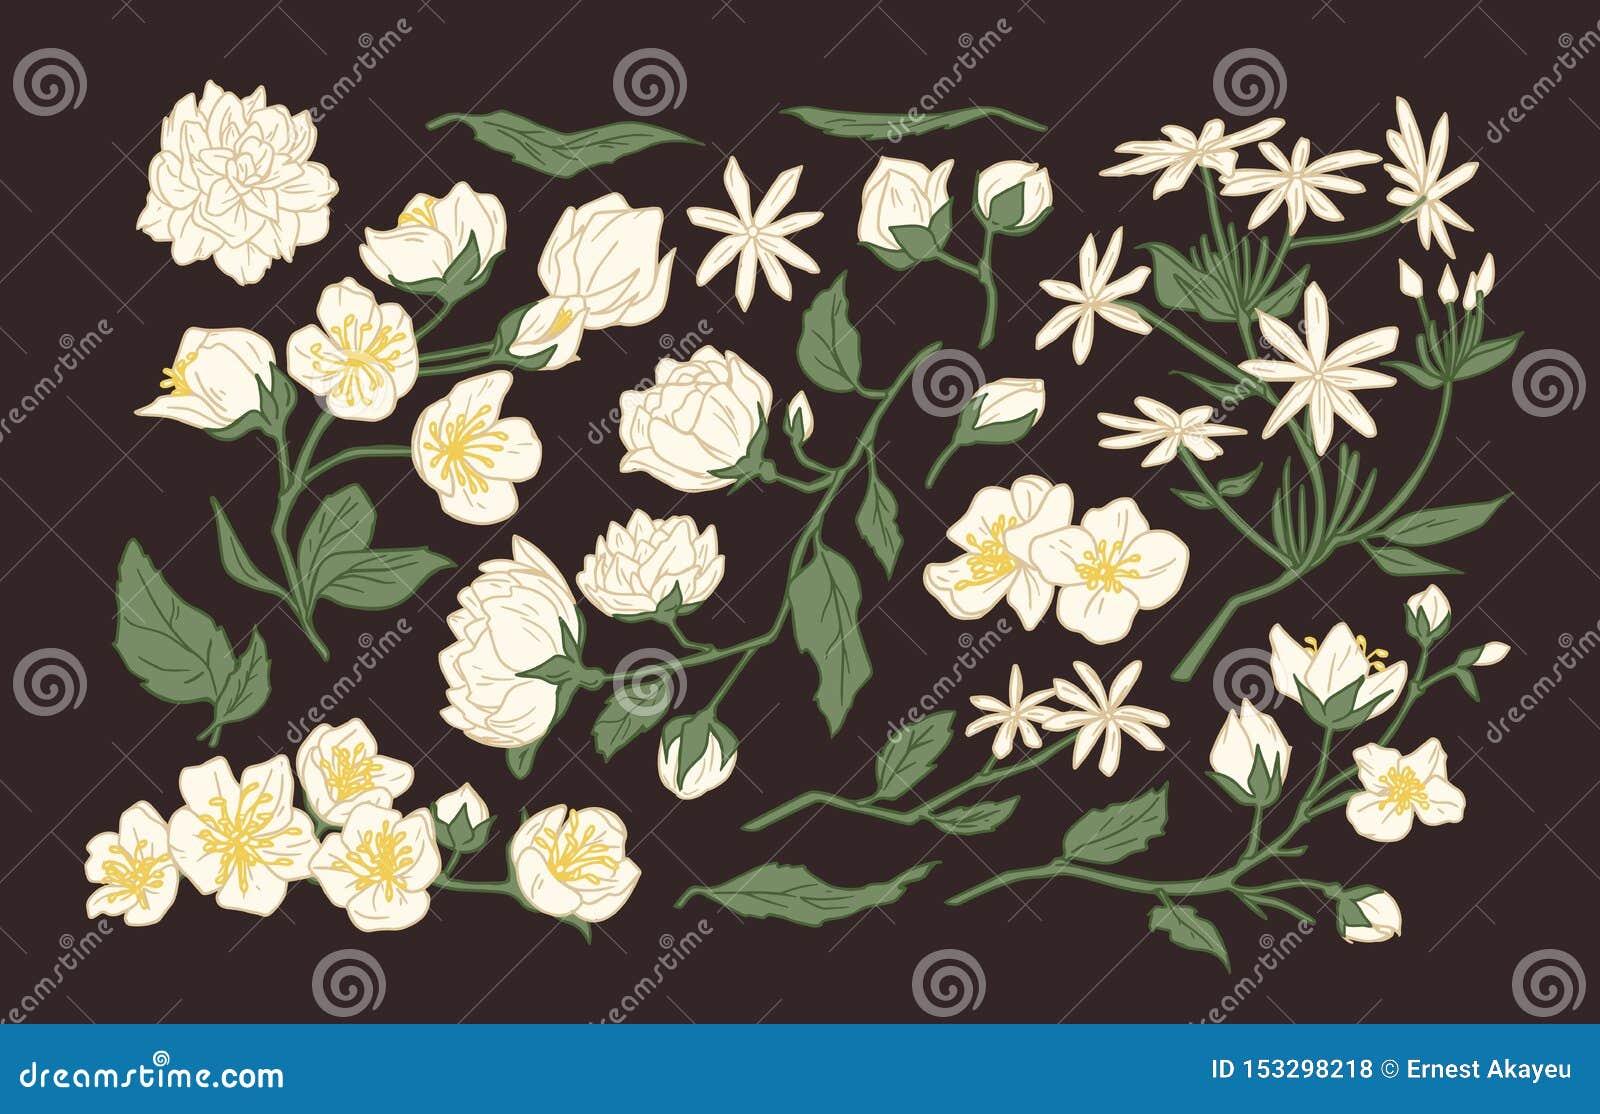 De inzameling van elegante gedetailleerde botanische tekeningen van jasmijn en hetoranje bloeien bloeit en gaat weg Getrokken han